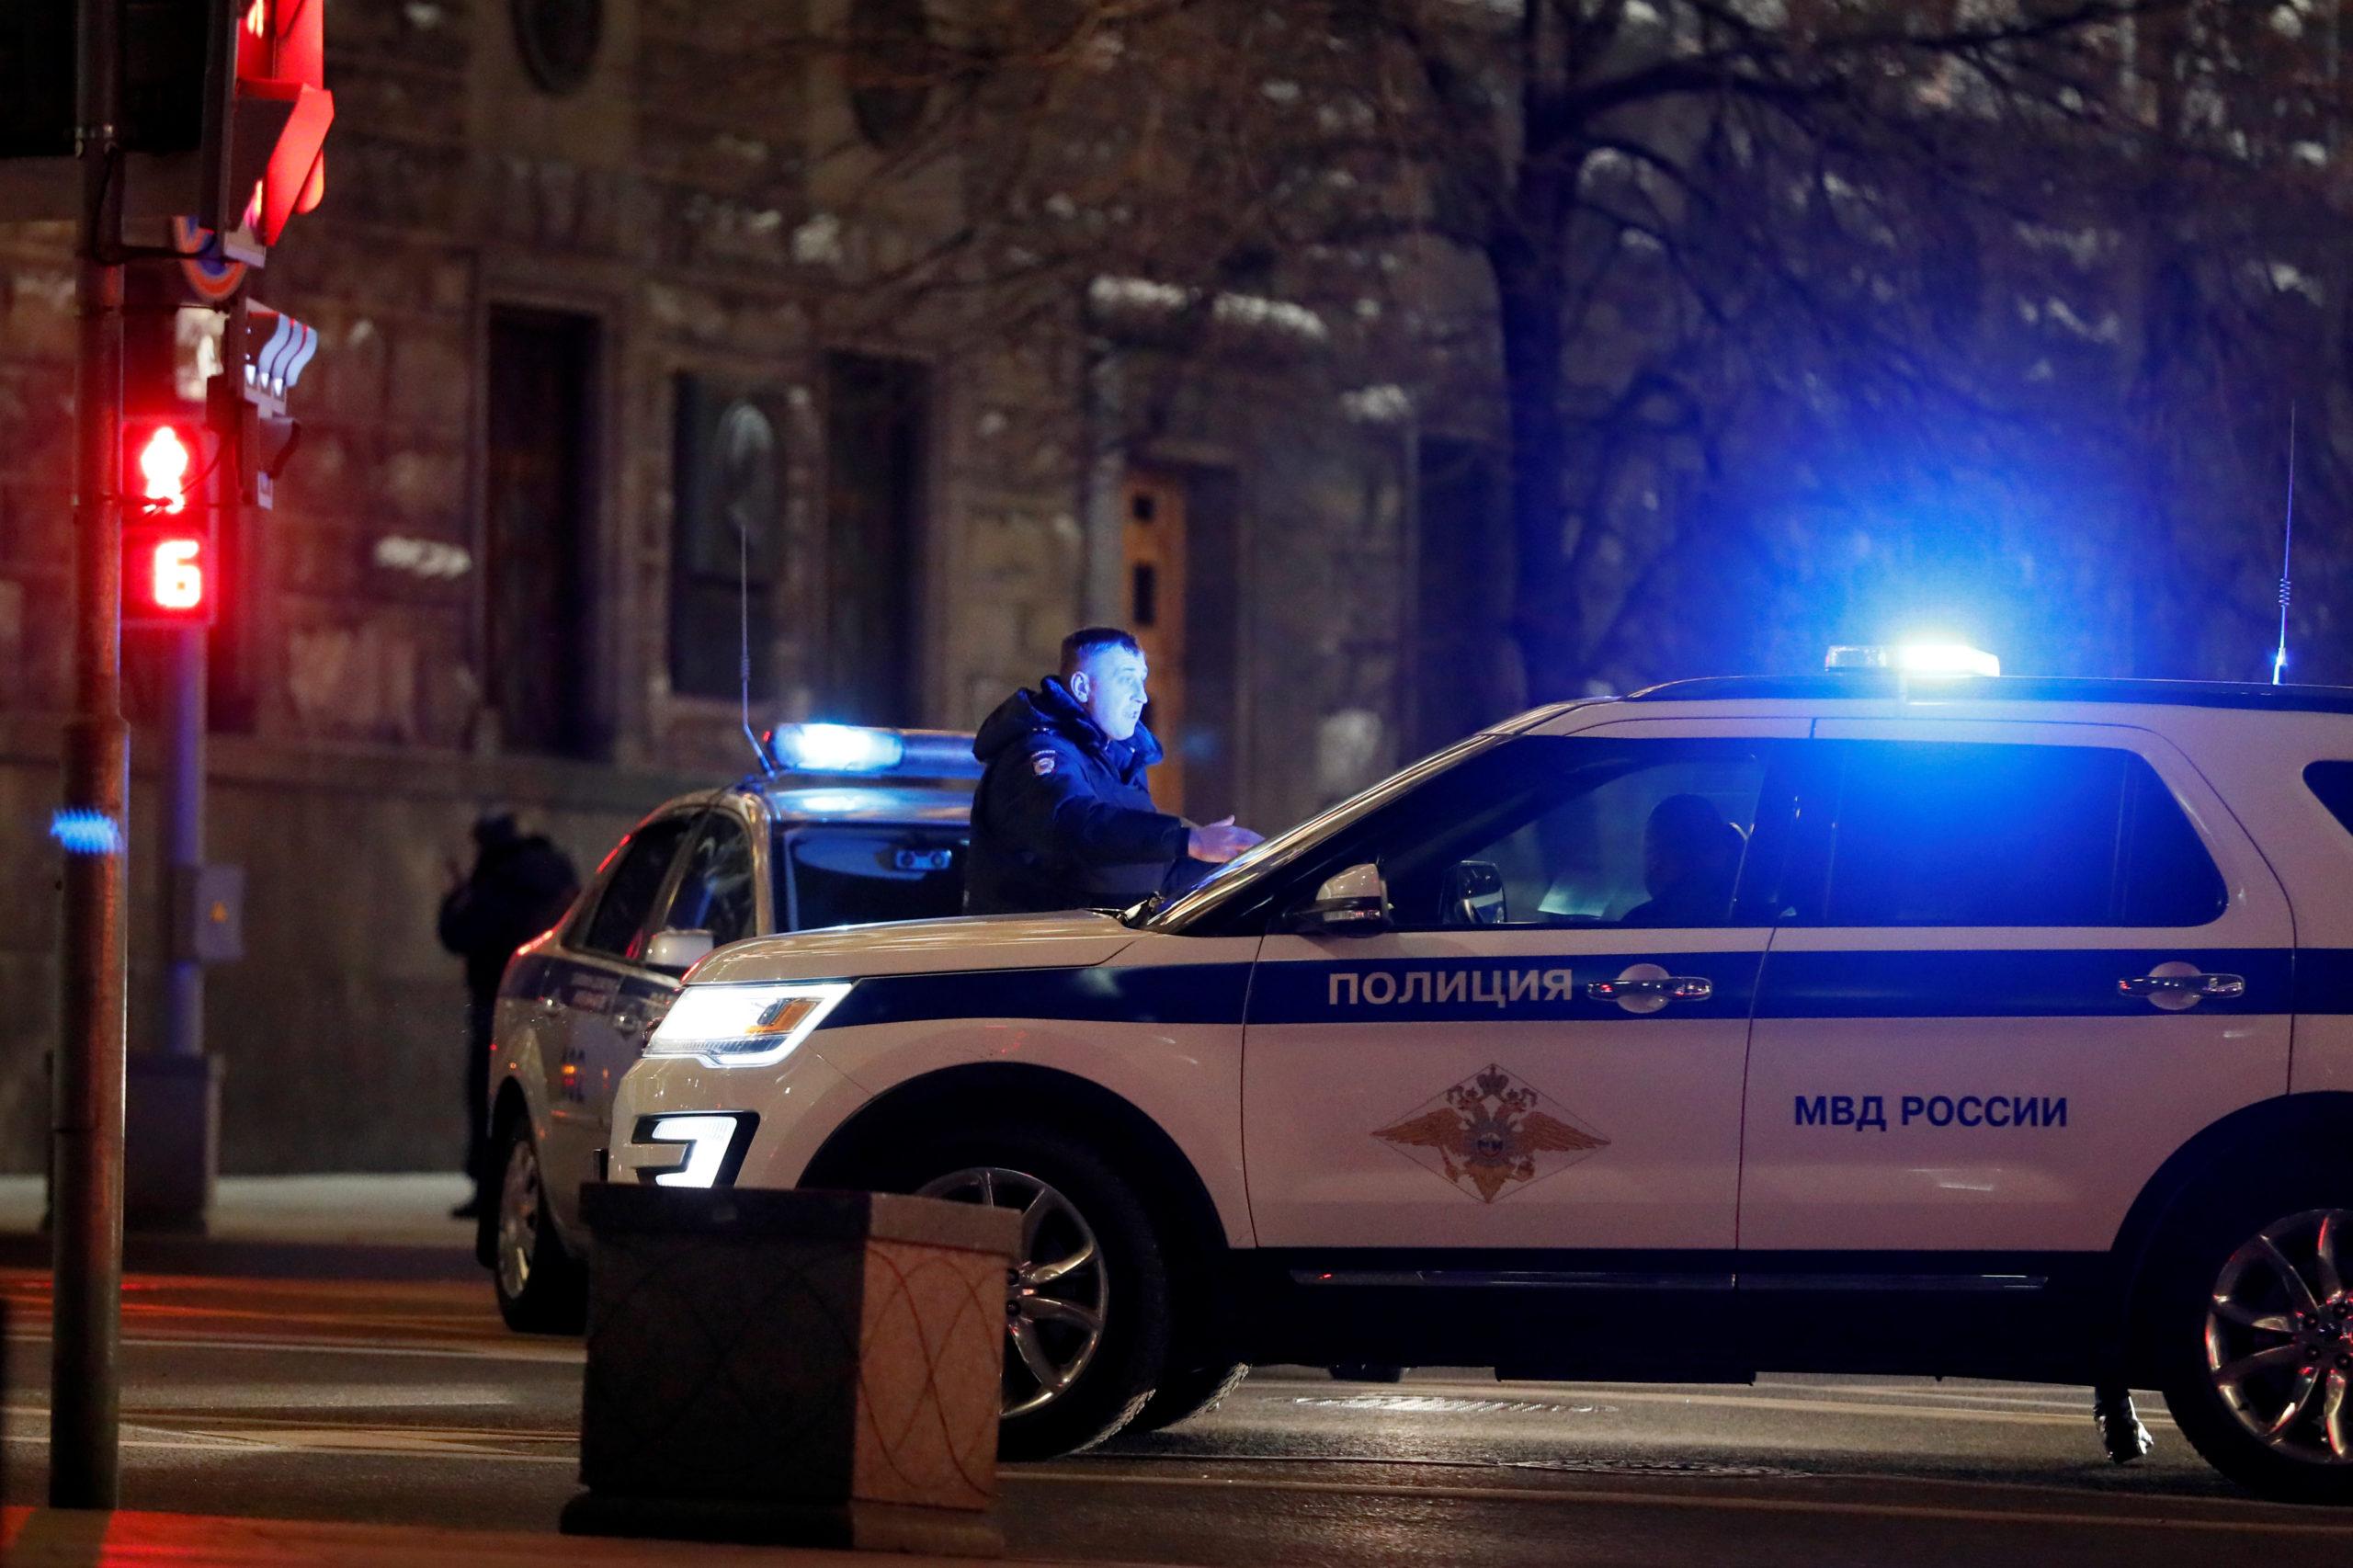 """Un membre des forces de l'ordre a été tué jeudi soir par un homme armé qui a ouvert le feu au siège du Service fédéral de sécurité de la fédération de Russie (FSB), dans le centre de Moscou, avant d'être """"neutralisé"""", selon le même FSB. /Photo prise le 19 décembre 2019/REUTERS/Shamil Zhumatov"""